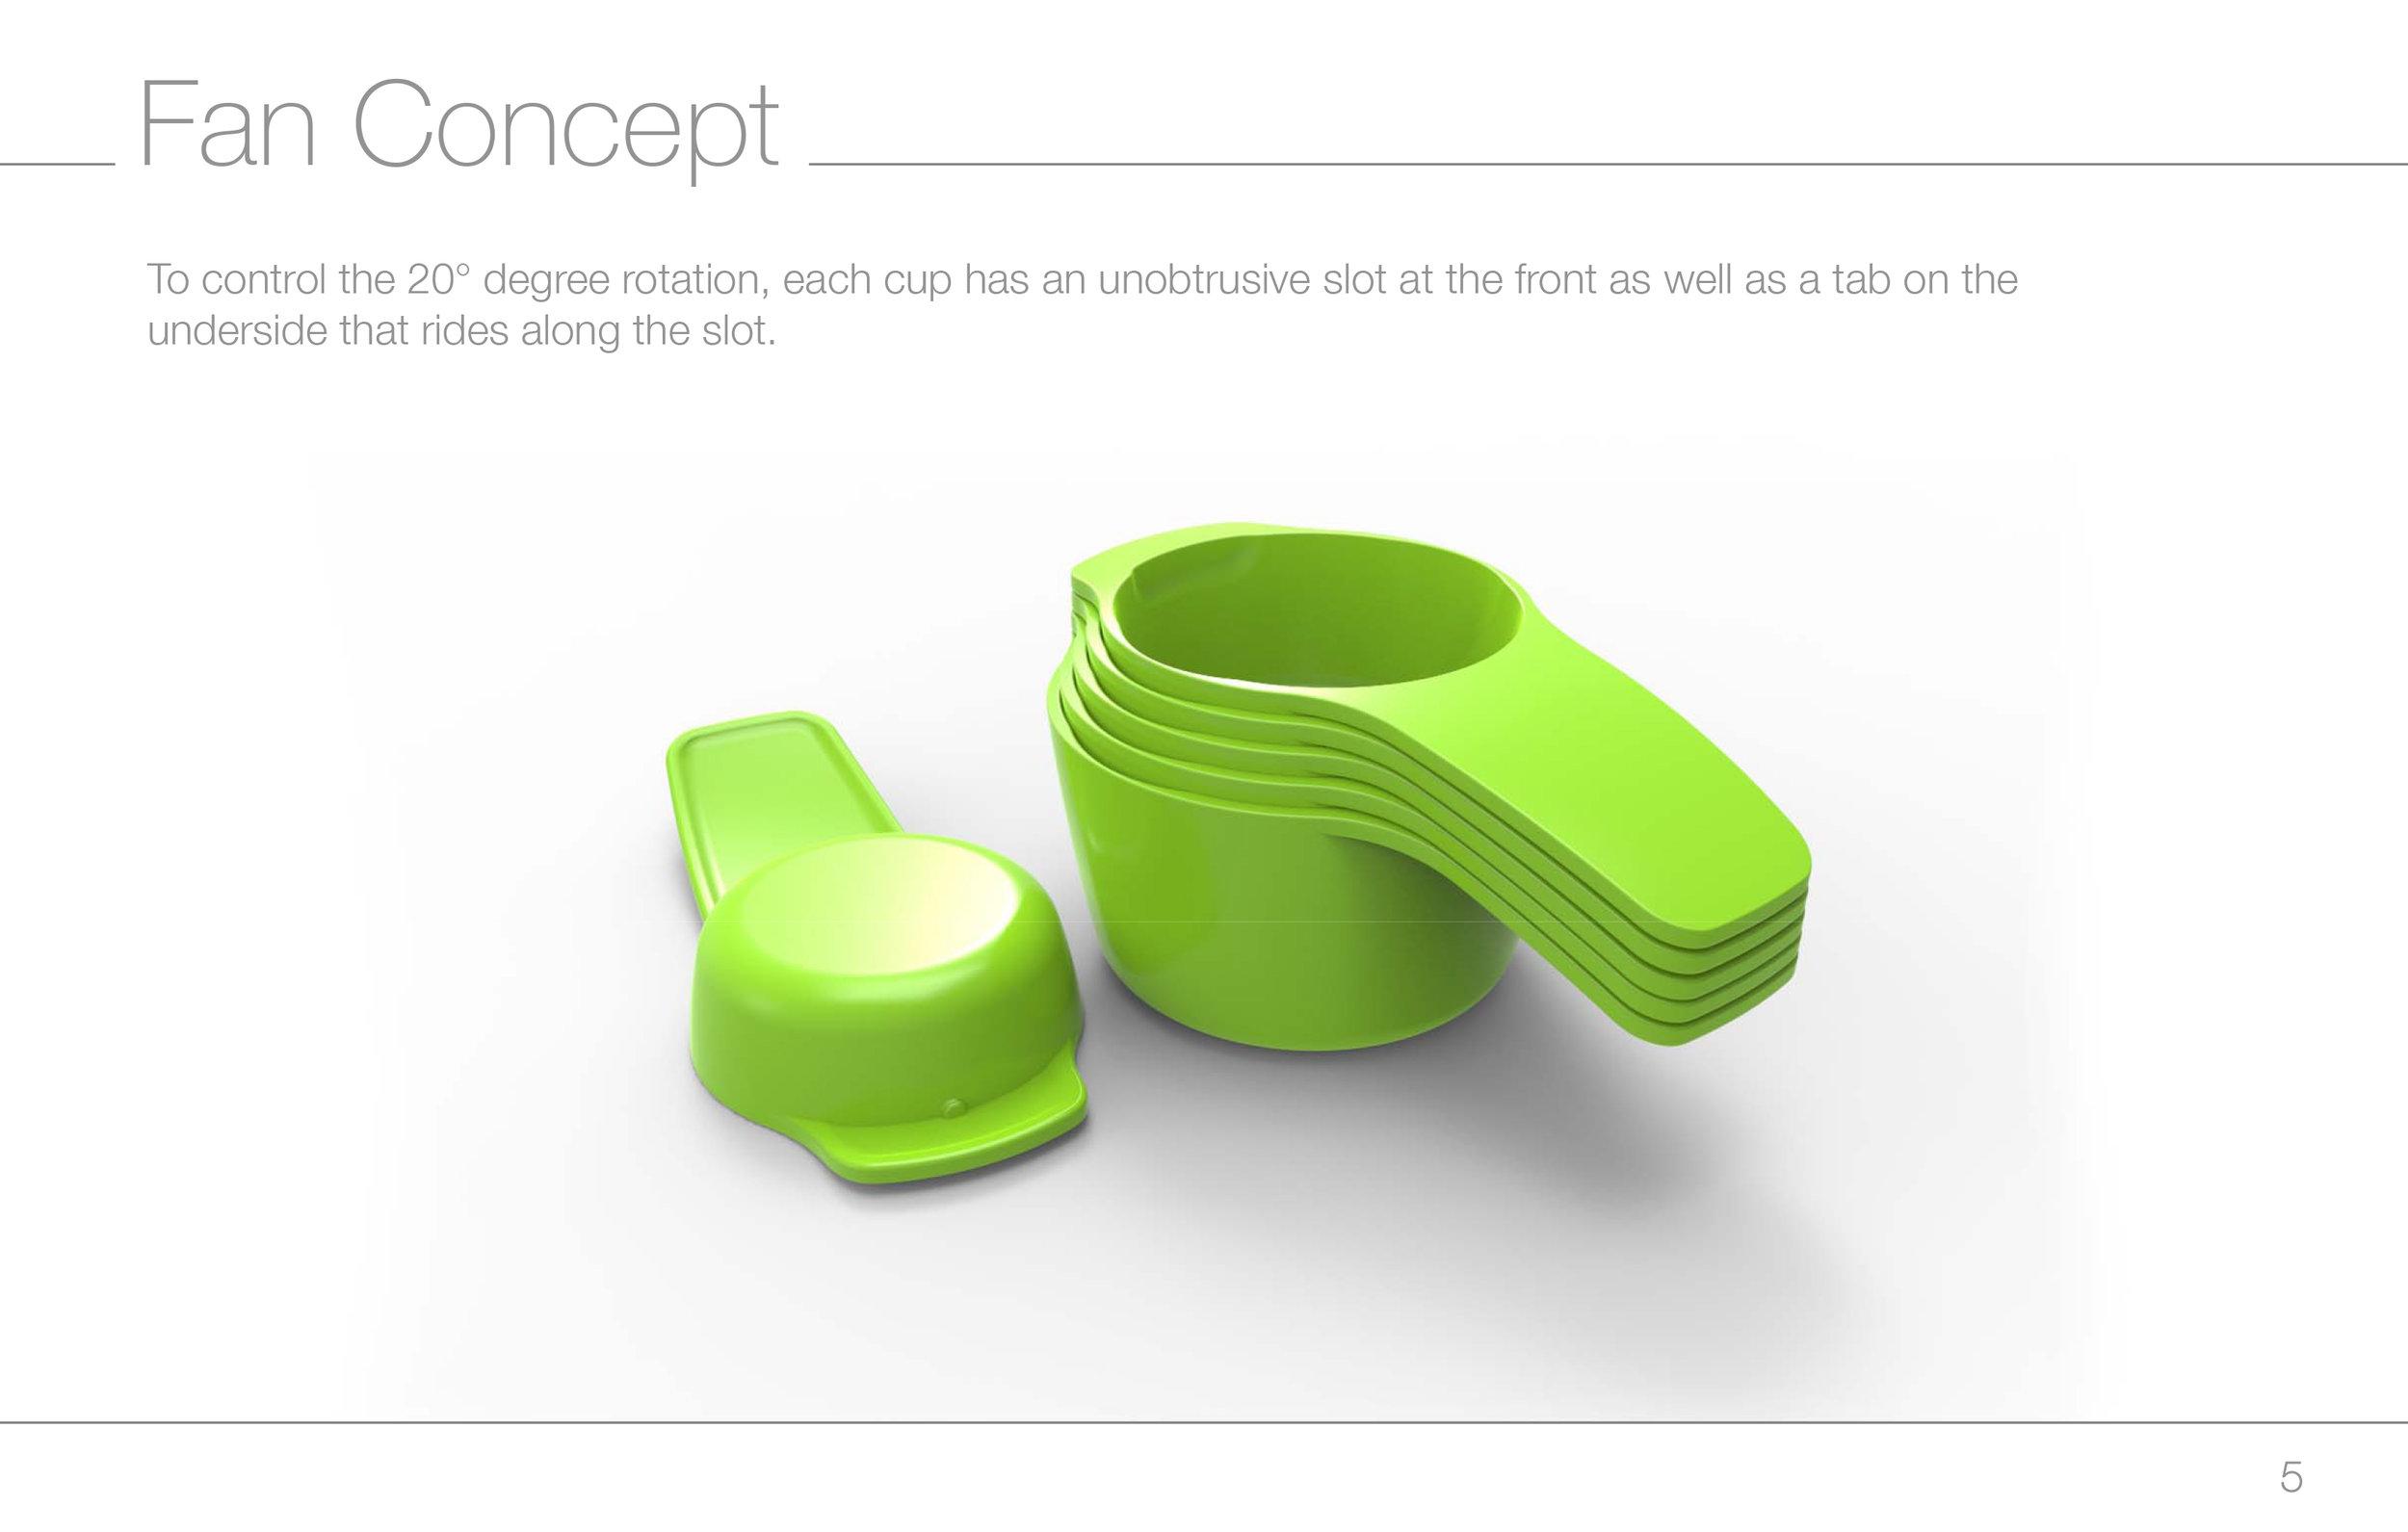 Measuring Cup Concepts-5 copy.jpg